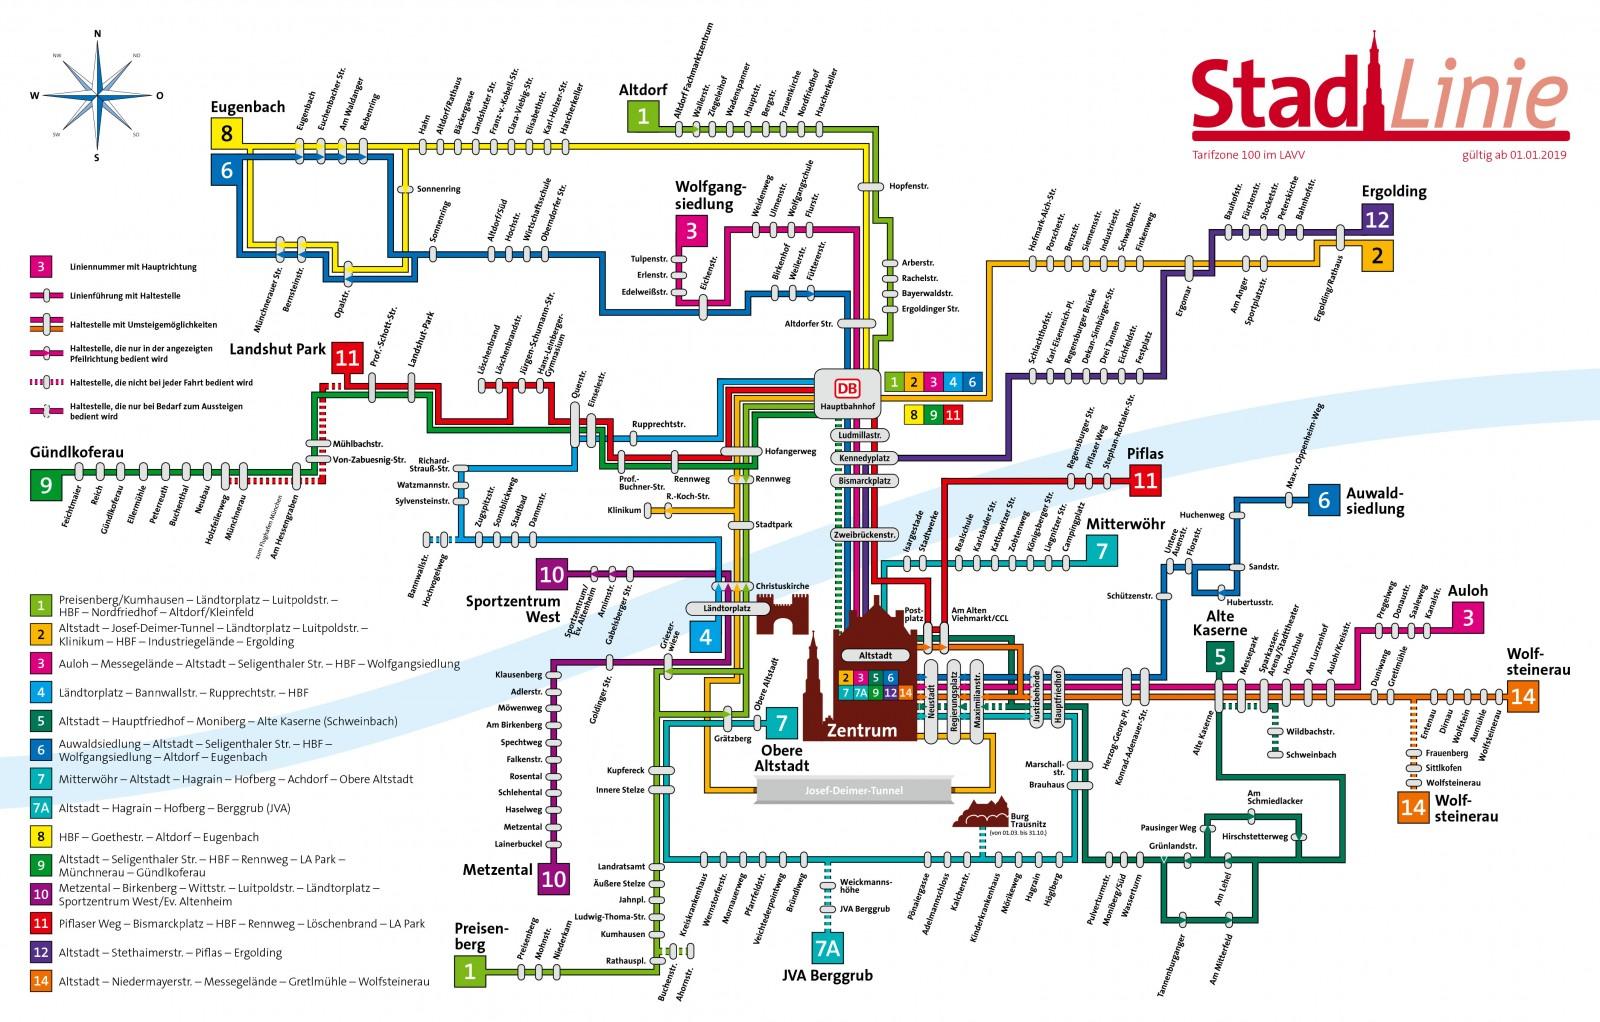 Liniennetzplan der Stadt